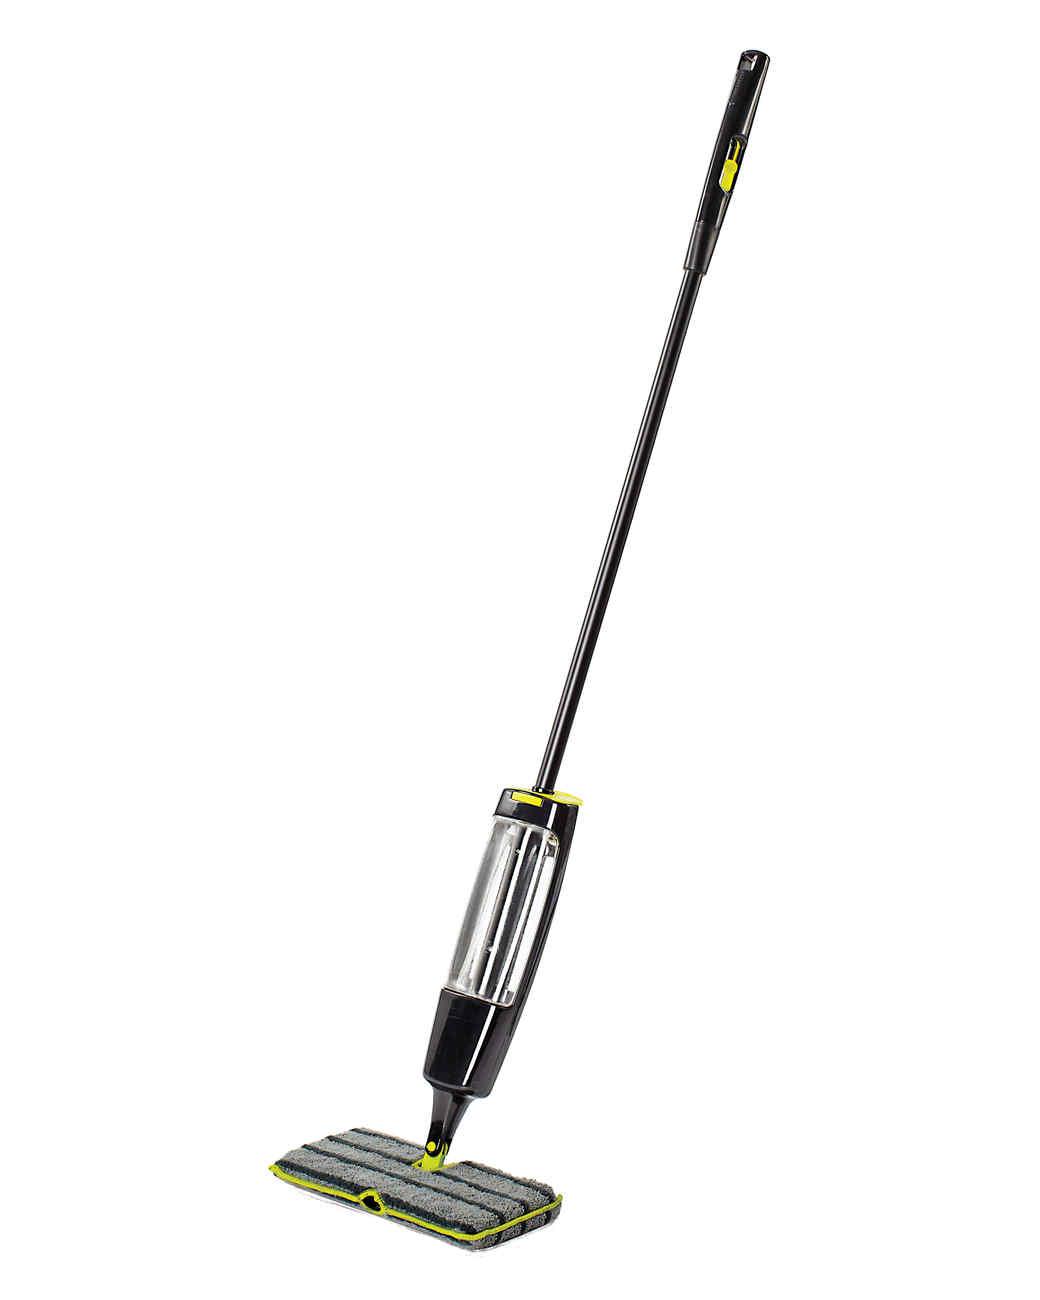 cb-steam-mop-020-mld110686.jpg